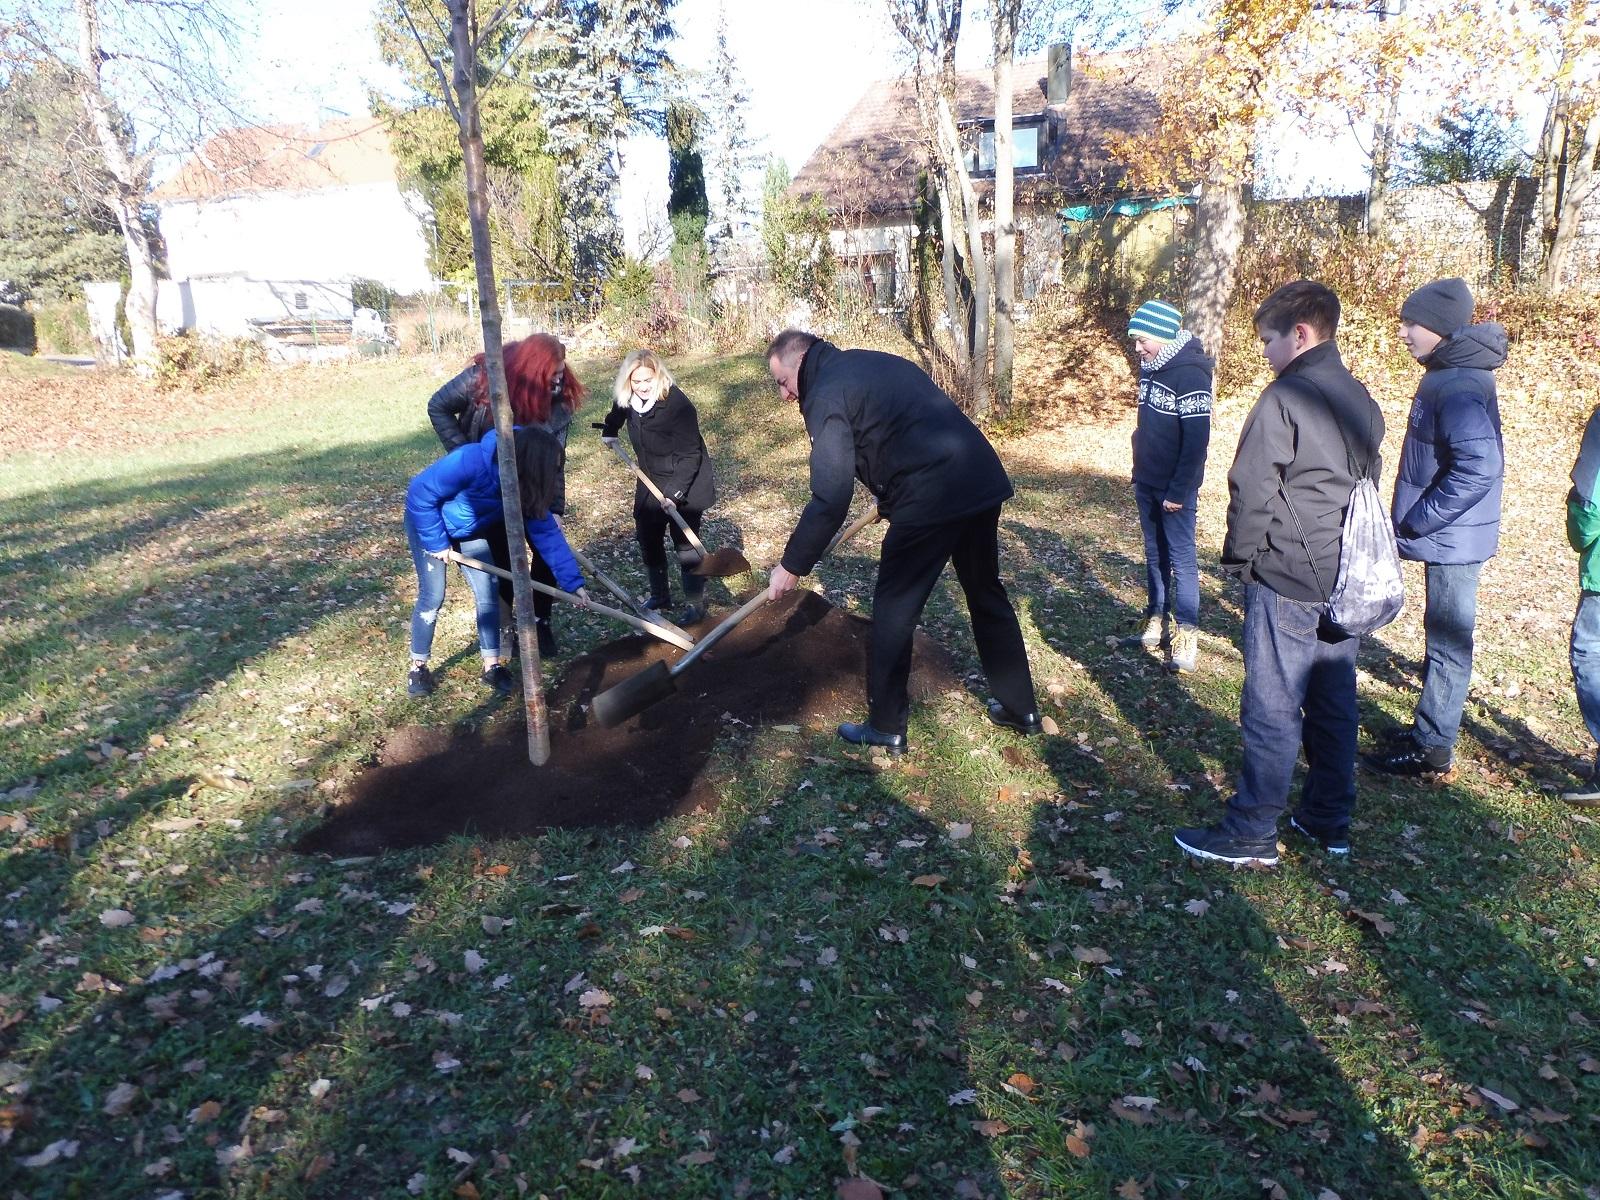 Baumpflanzung von Jugendlichen auf dem Friedhof in Ötlingen am Volkstrauertag 18.11.2018